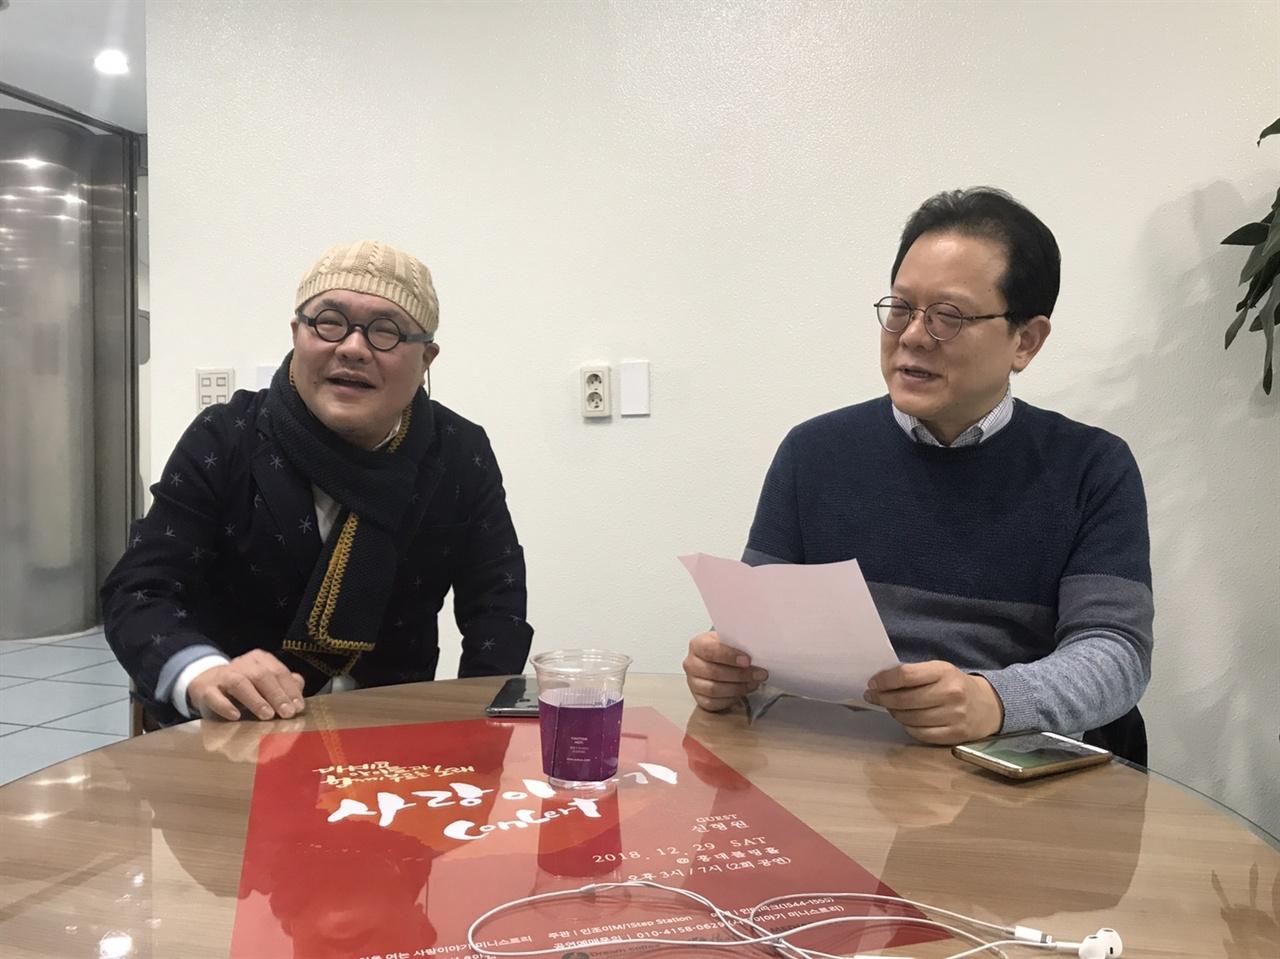 <북간도의 십자가>의 반태경(우) CBS PD, 김어흥(좌) 작가